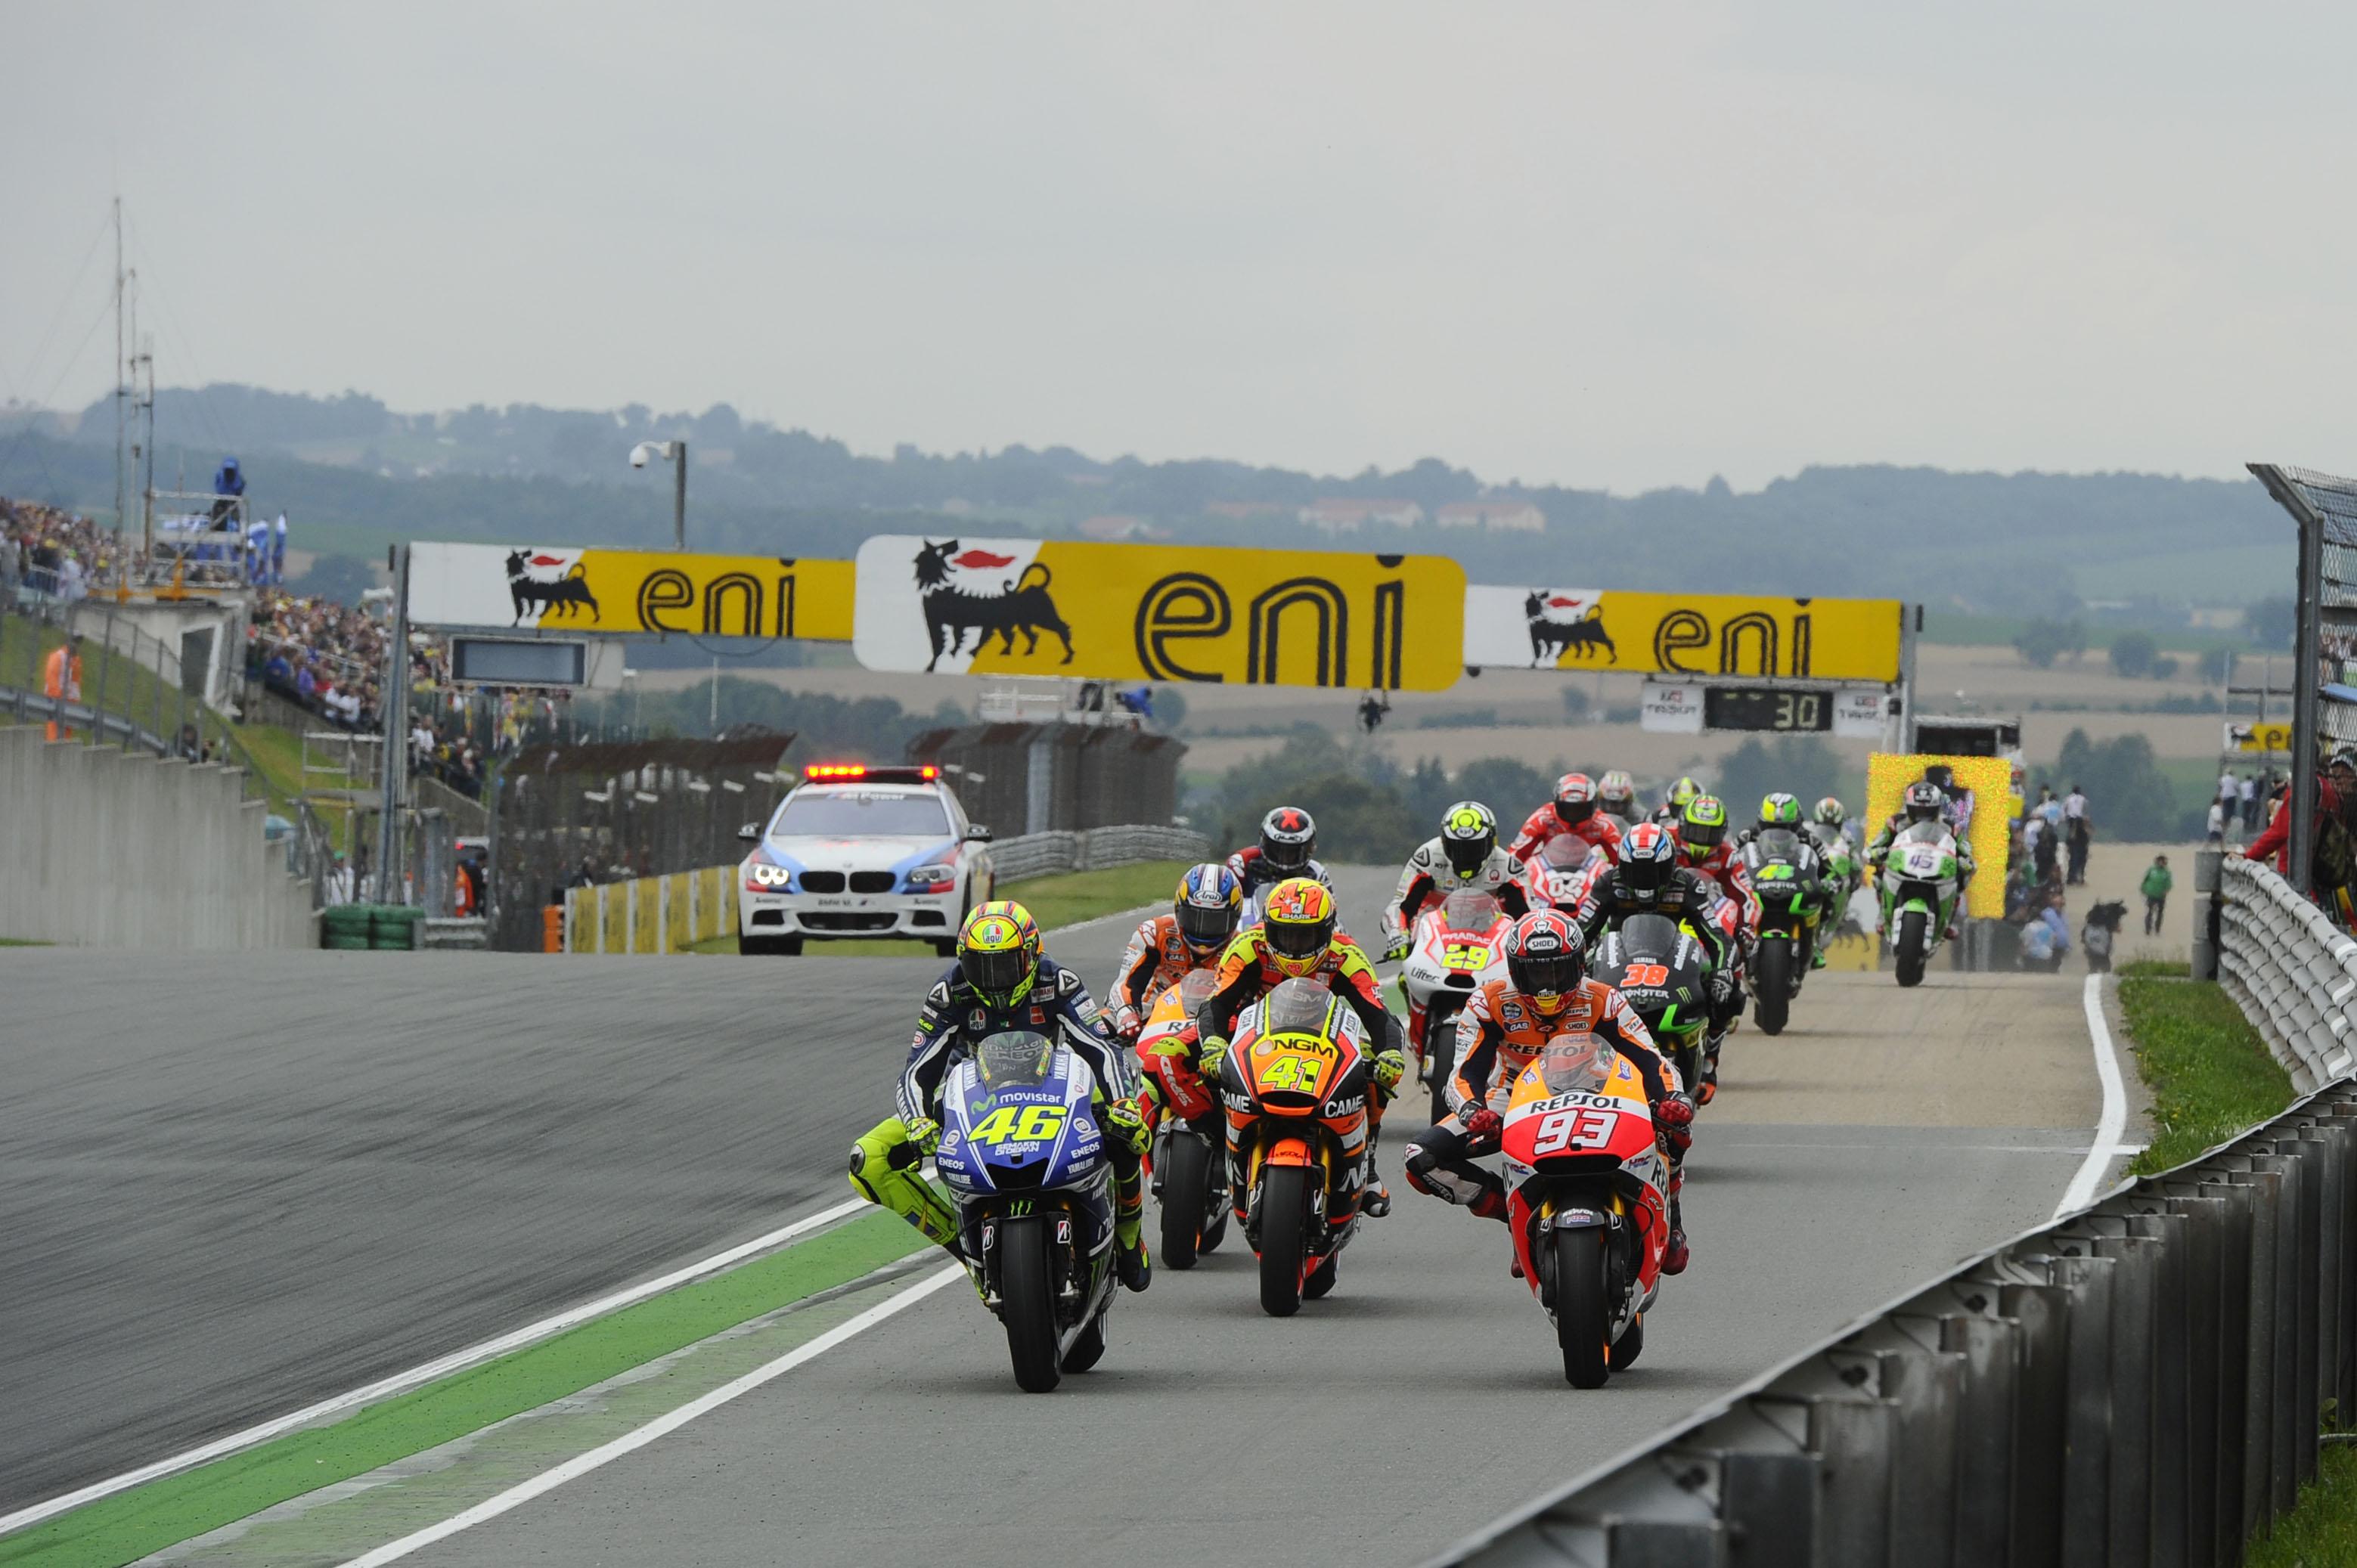 Es oficial. Habrá cambios en el procedimiento de salida del MotoGP